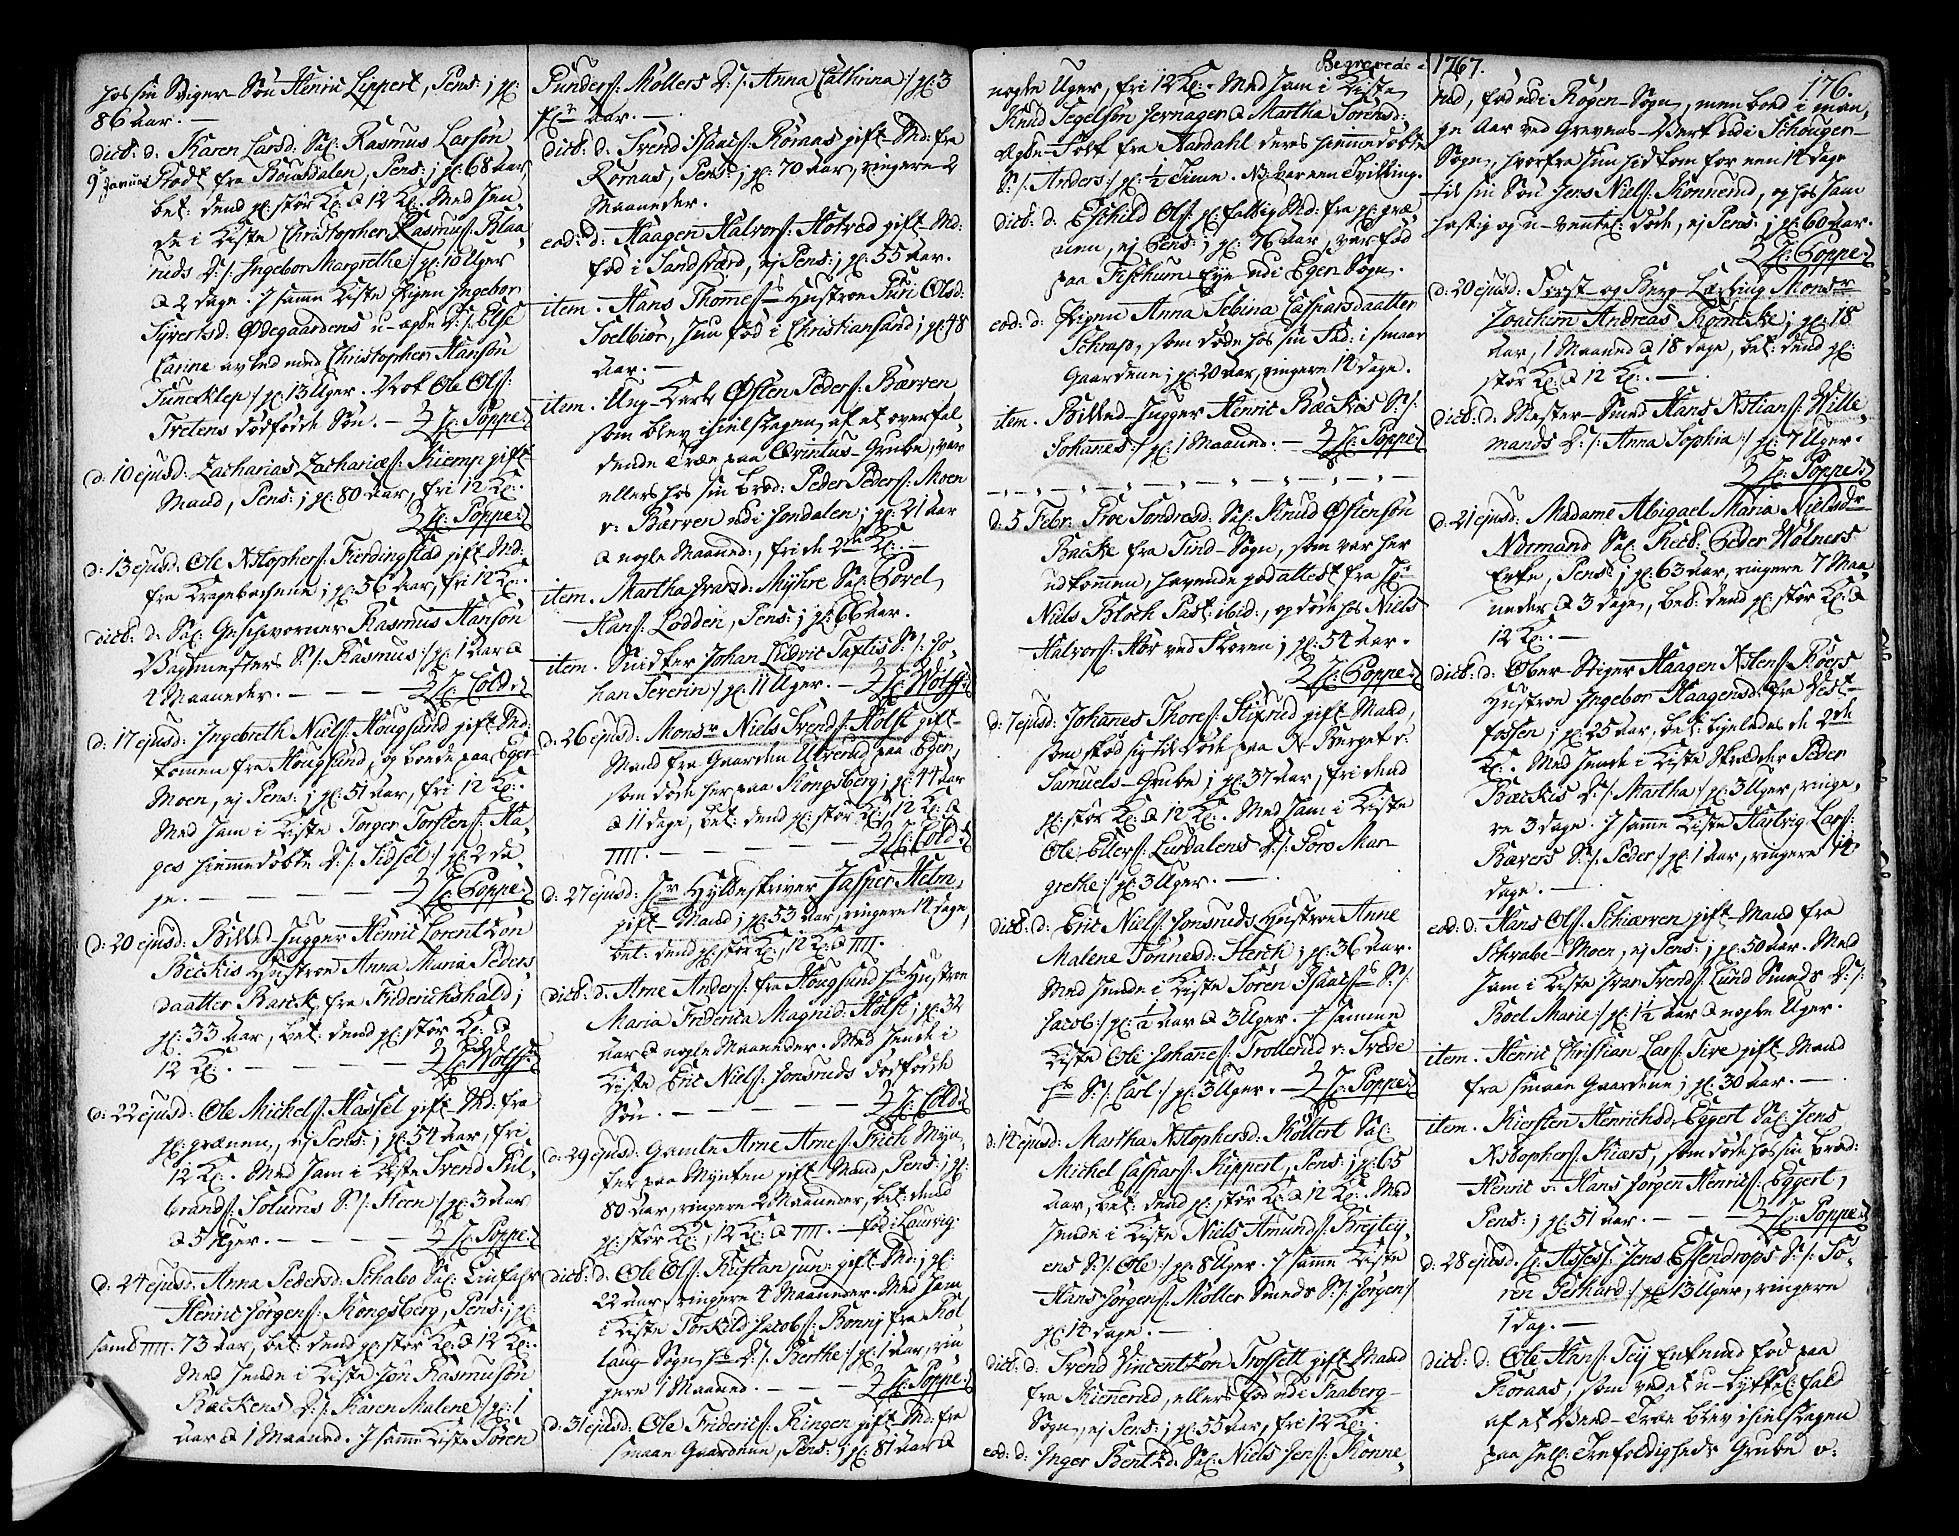 SAKO, Kongsberg kirkebøker, F/Fa/L0004: Ministerialbok nr. I 4, 1756-1768, s. 176